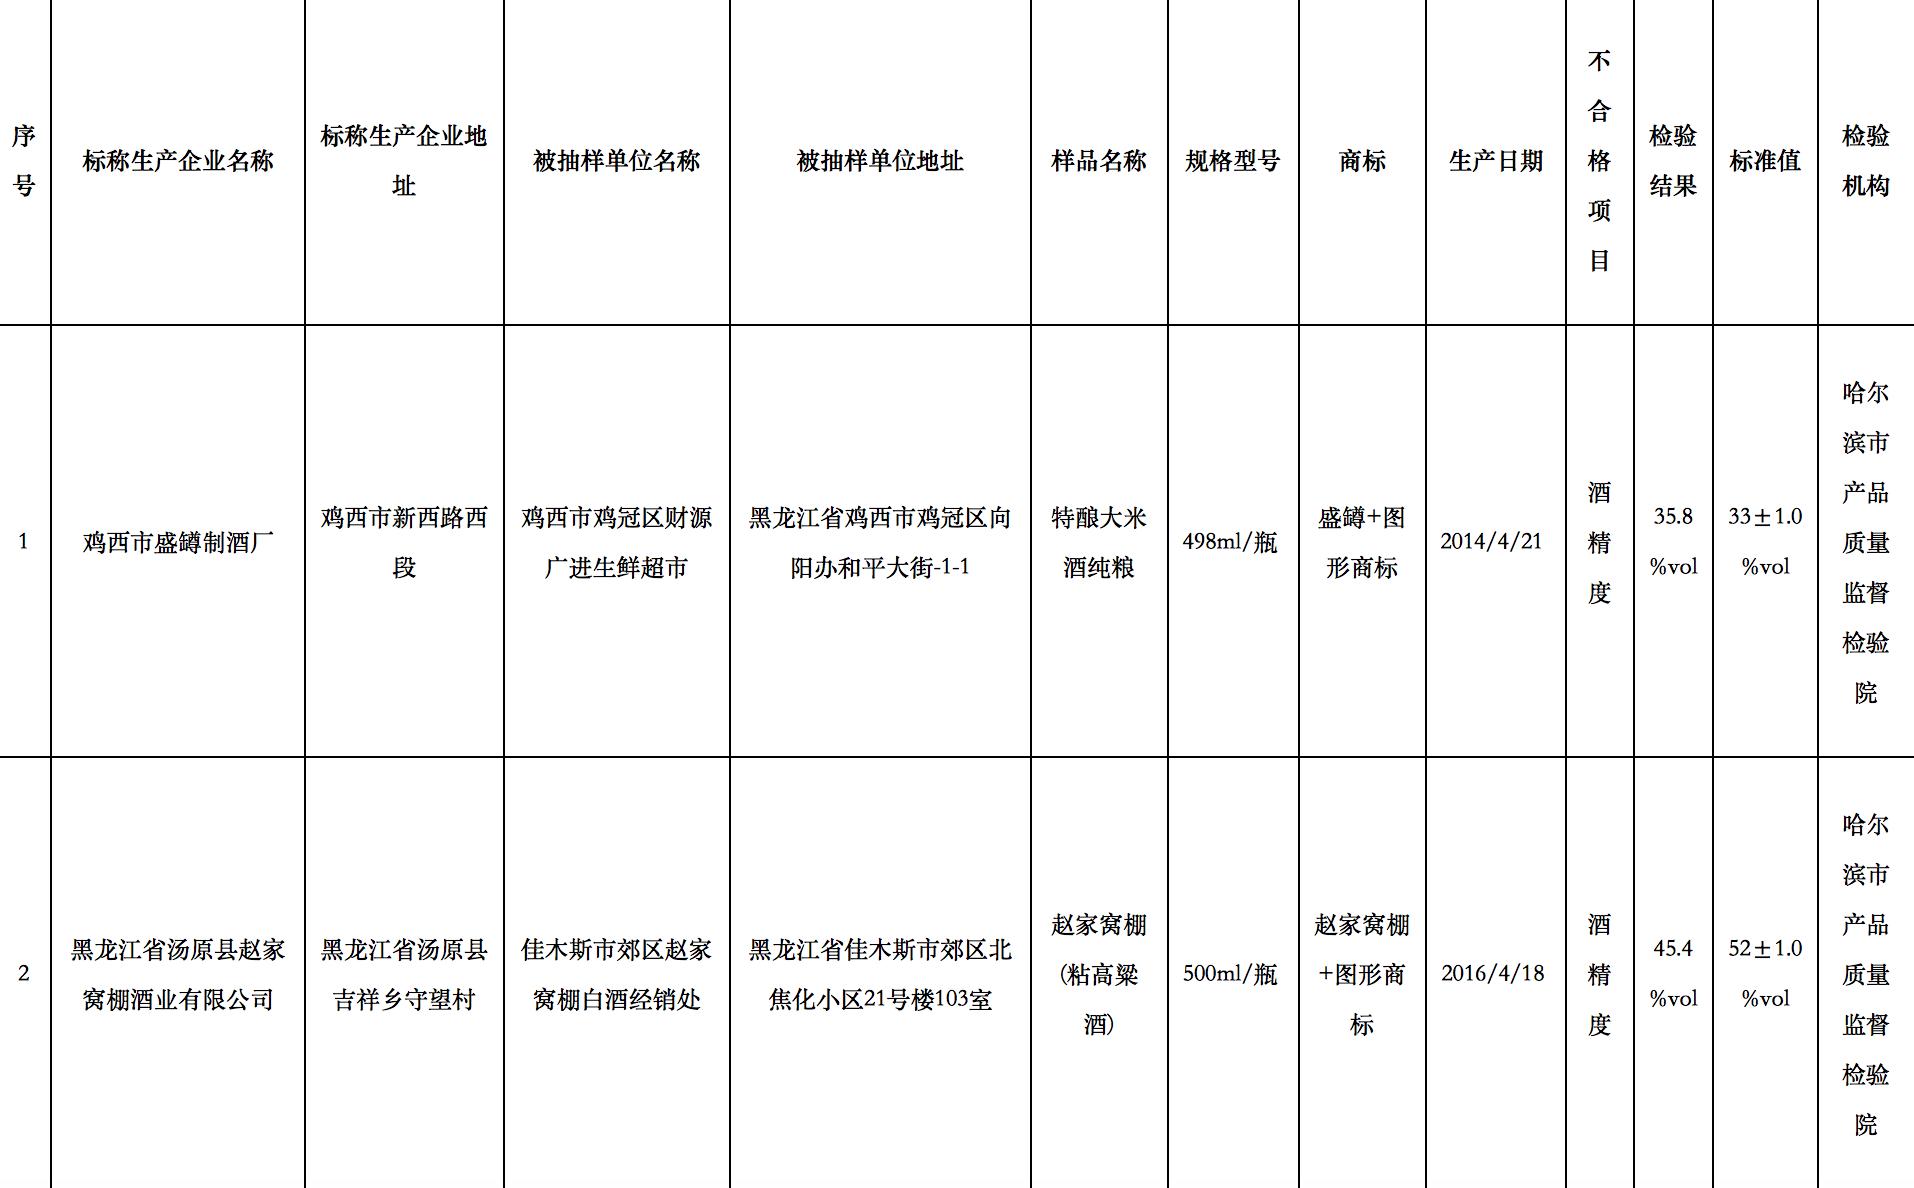 黑龙江省抽检食品安全 两款酒酒精度不达标